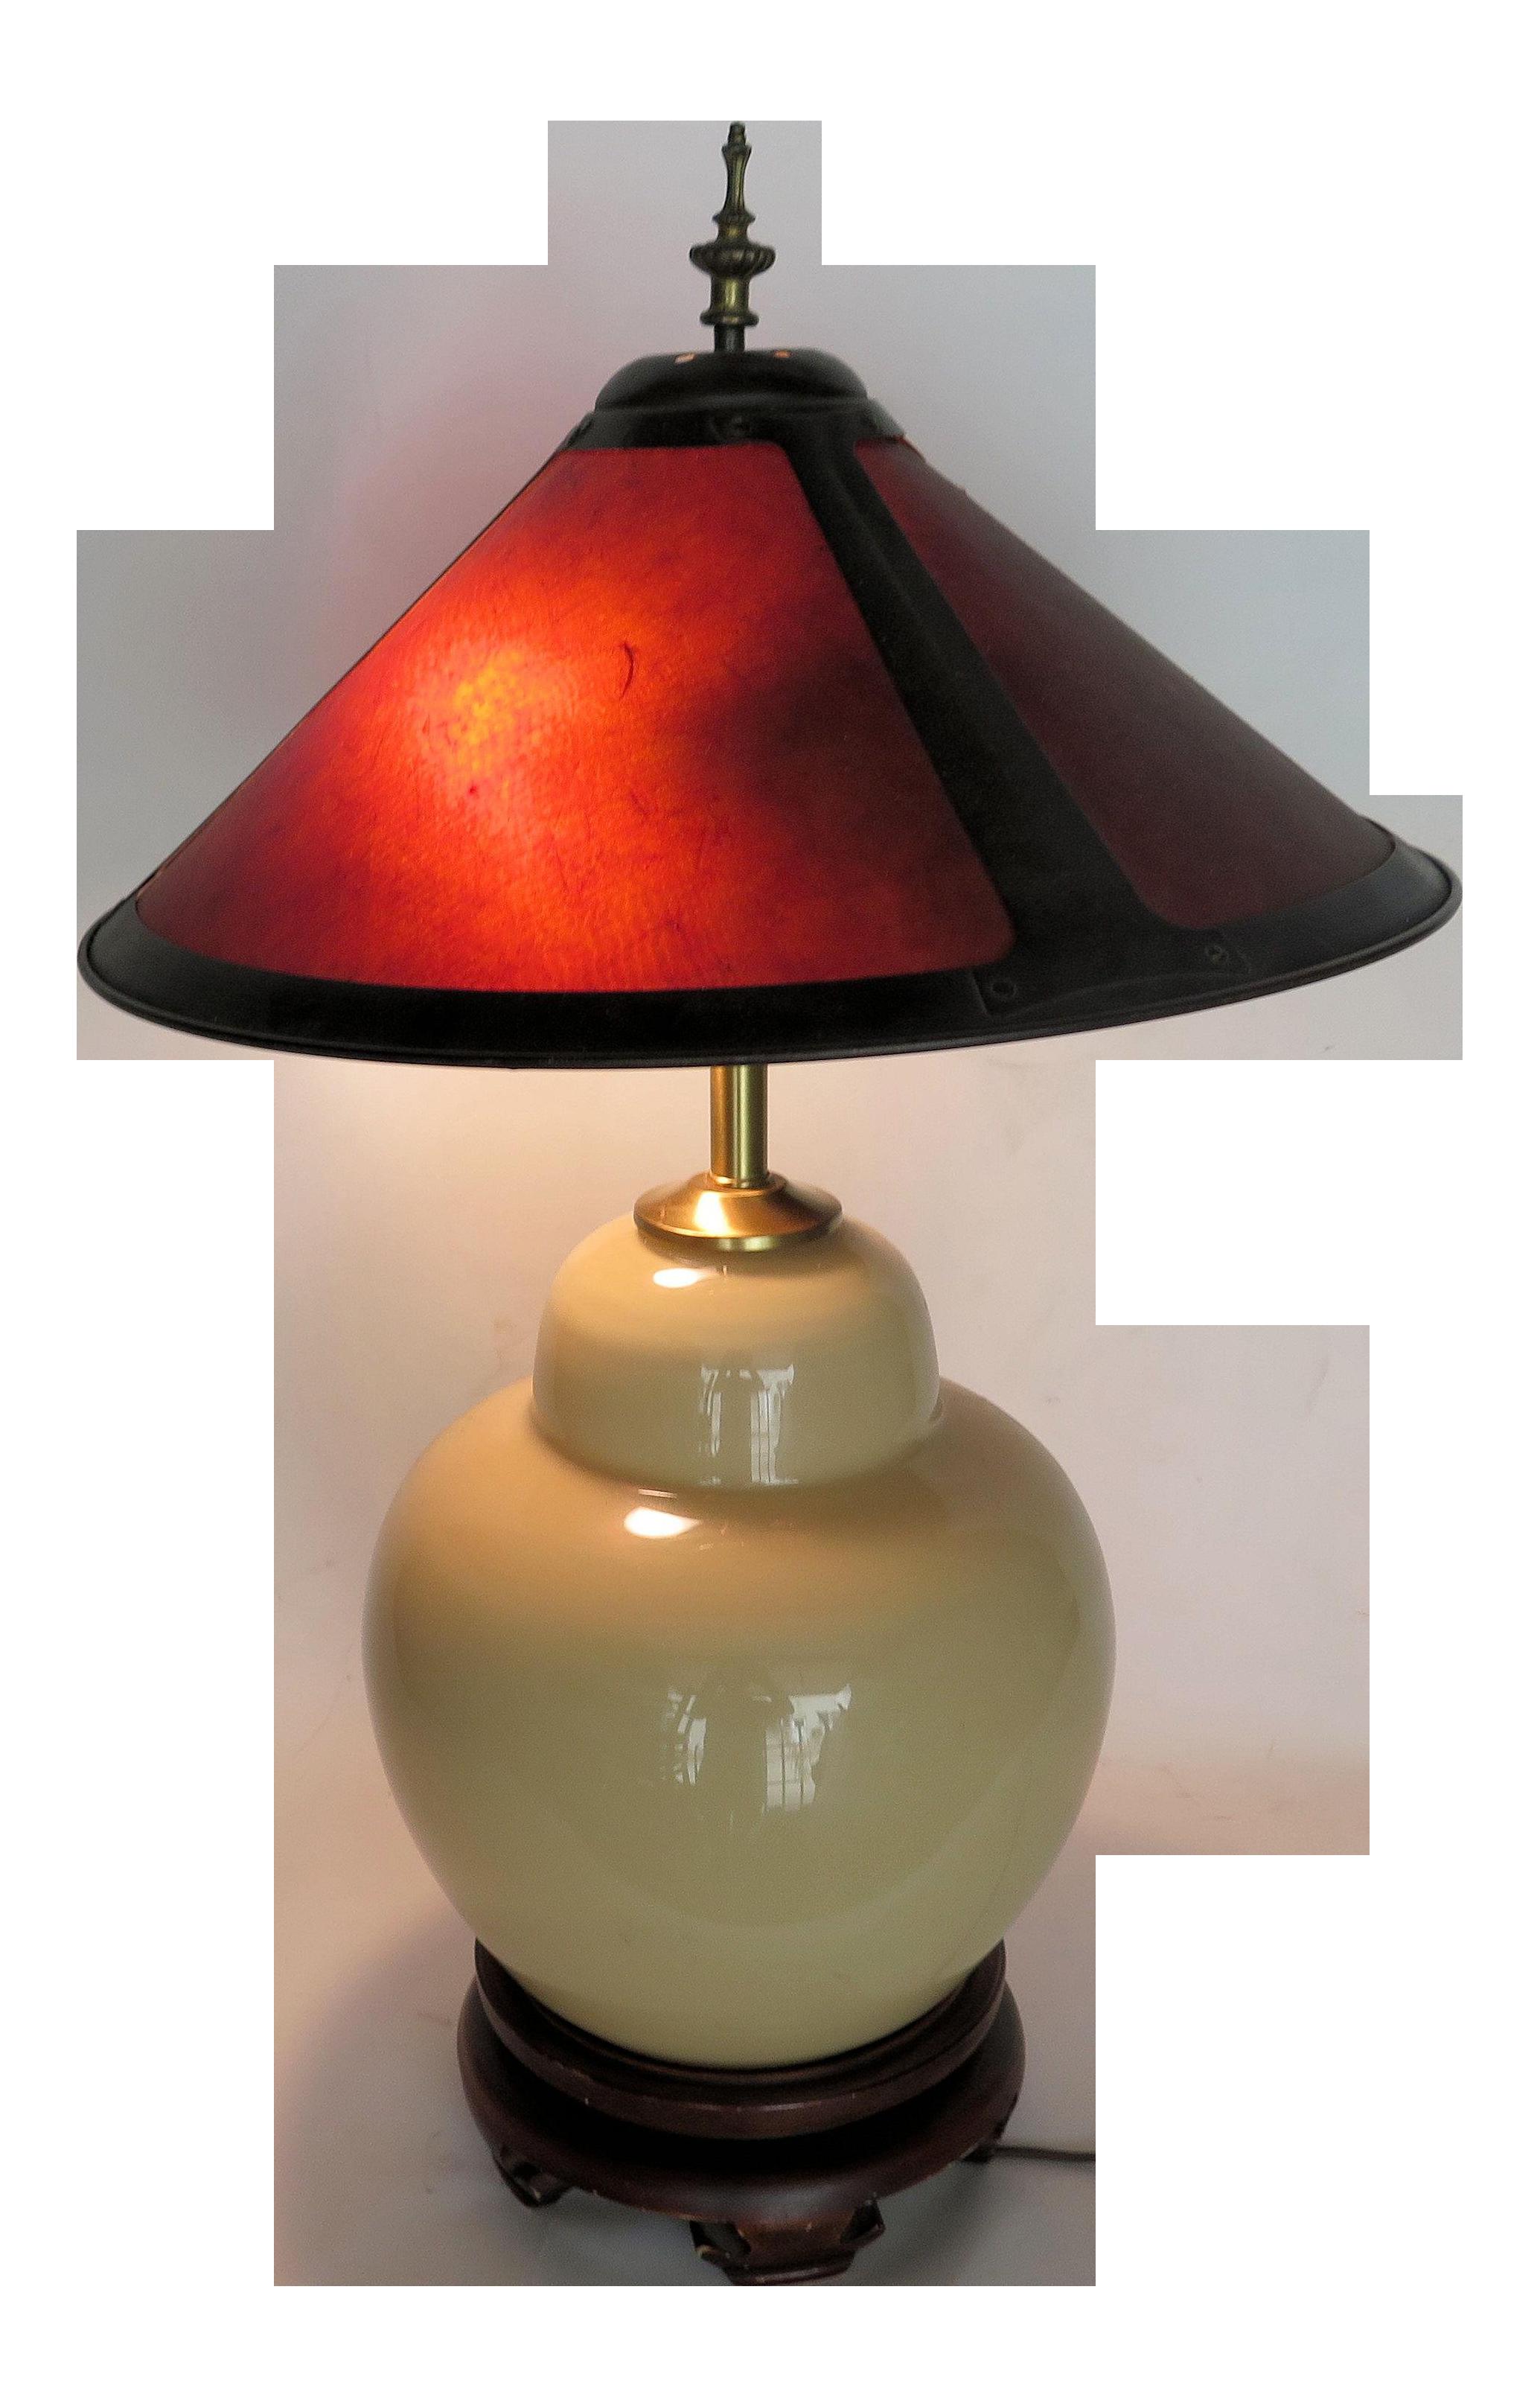 Asian porcelain table lamps